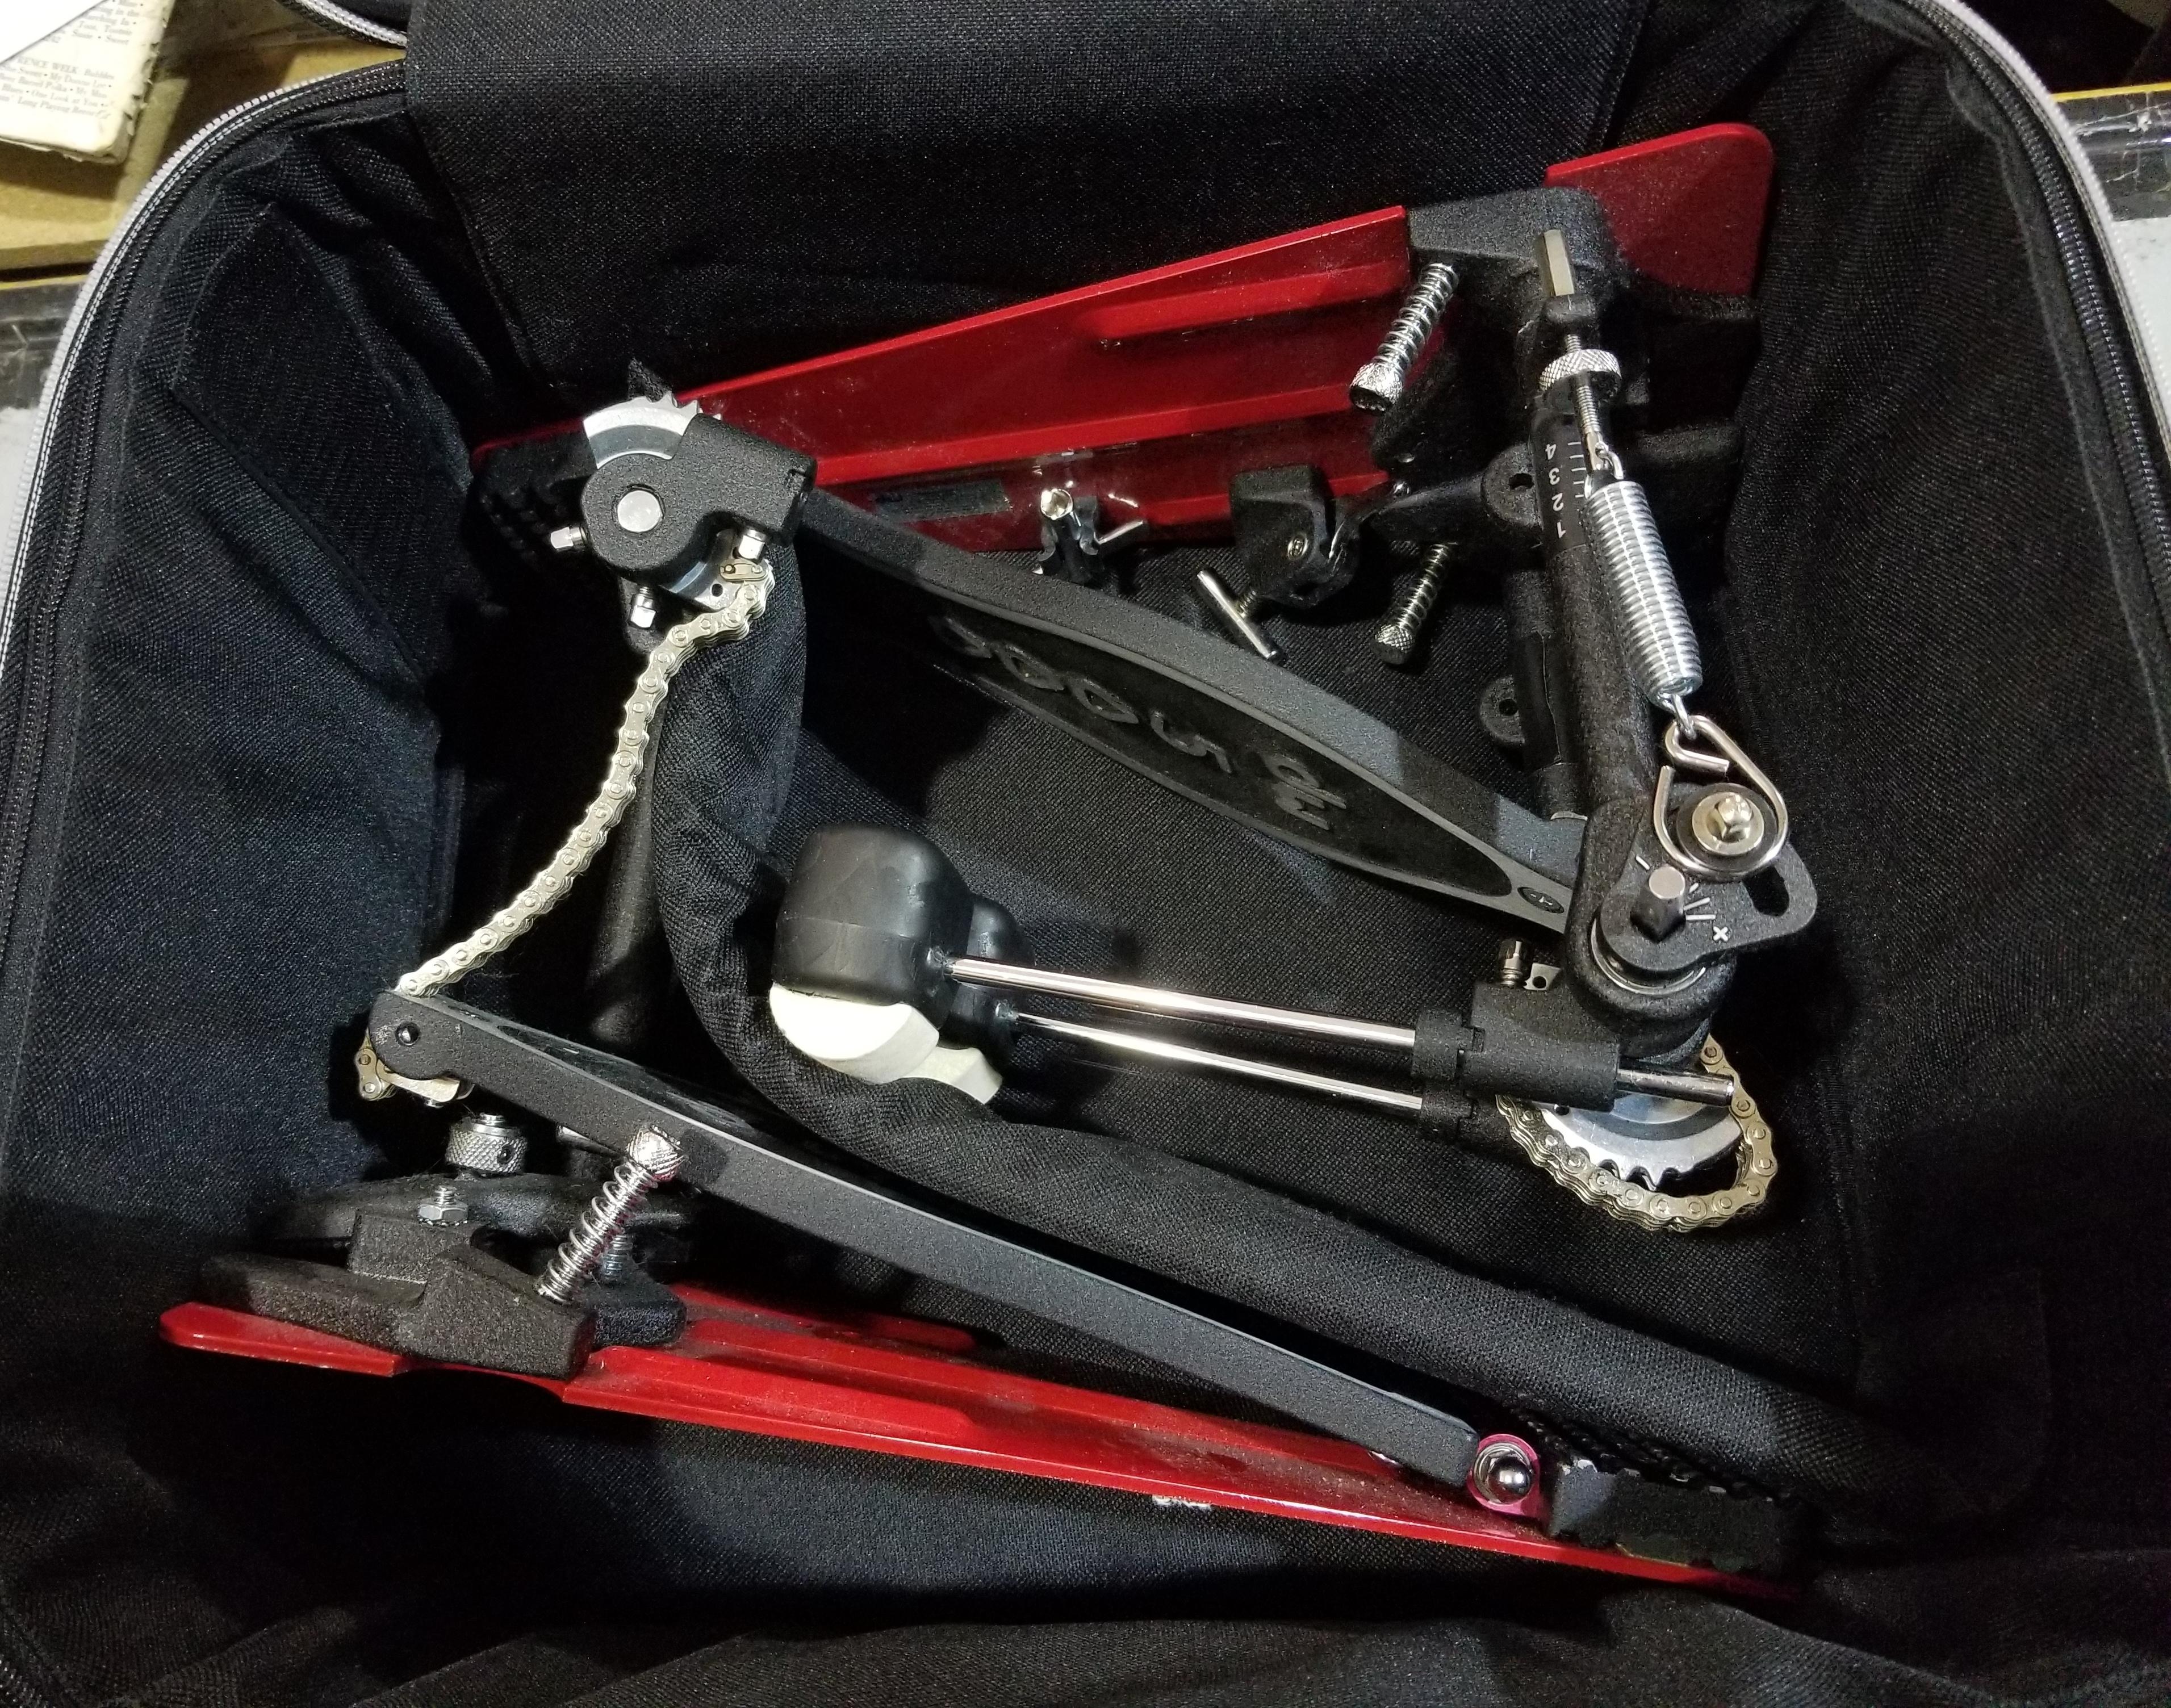 DW 5000 Series Double Kick Pedal